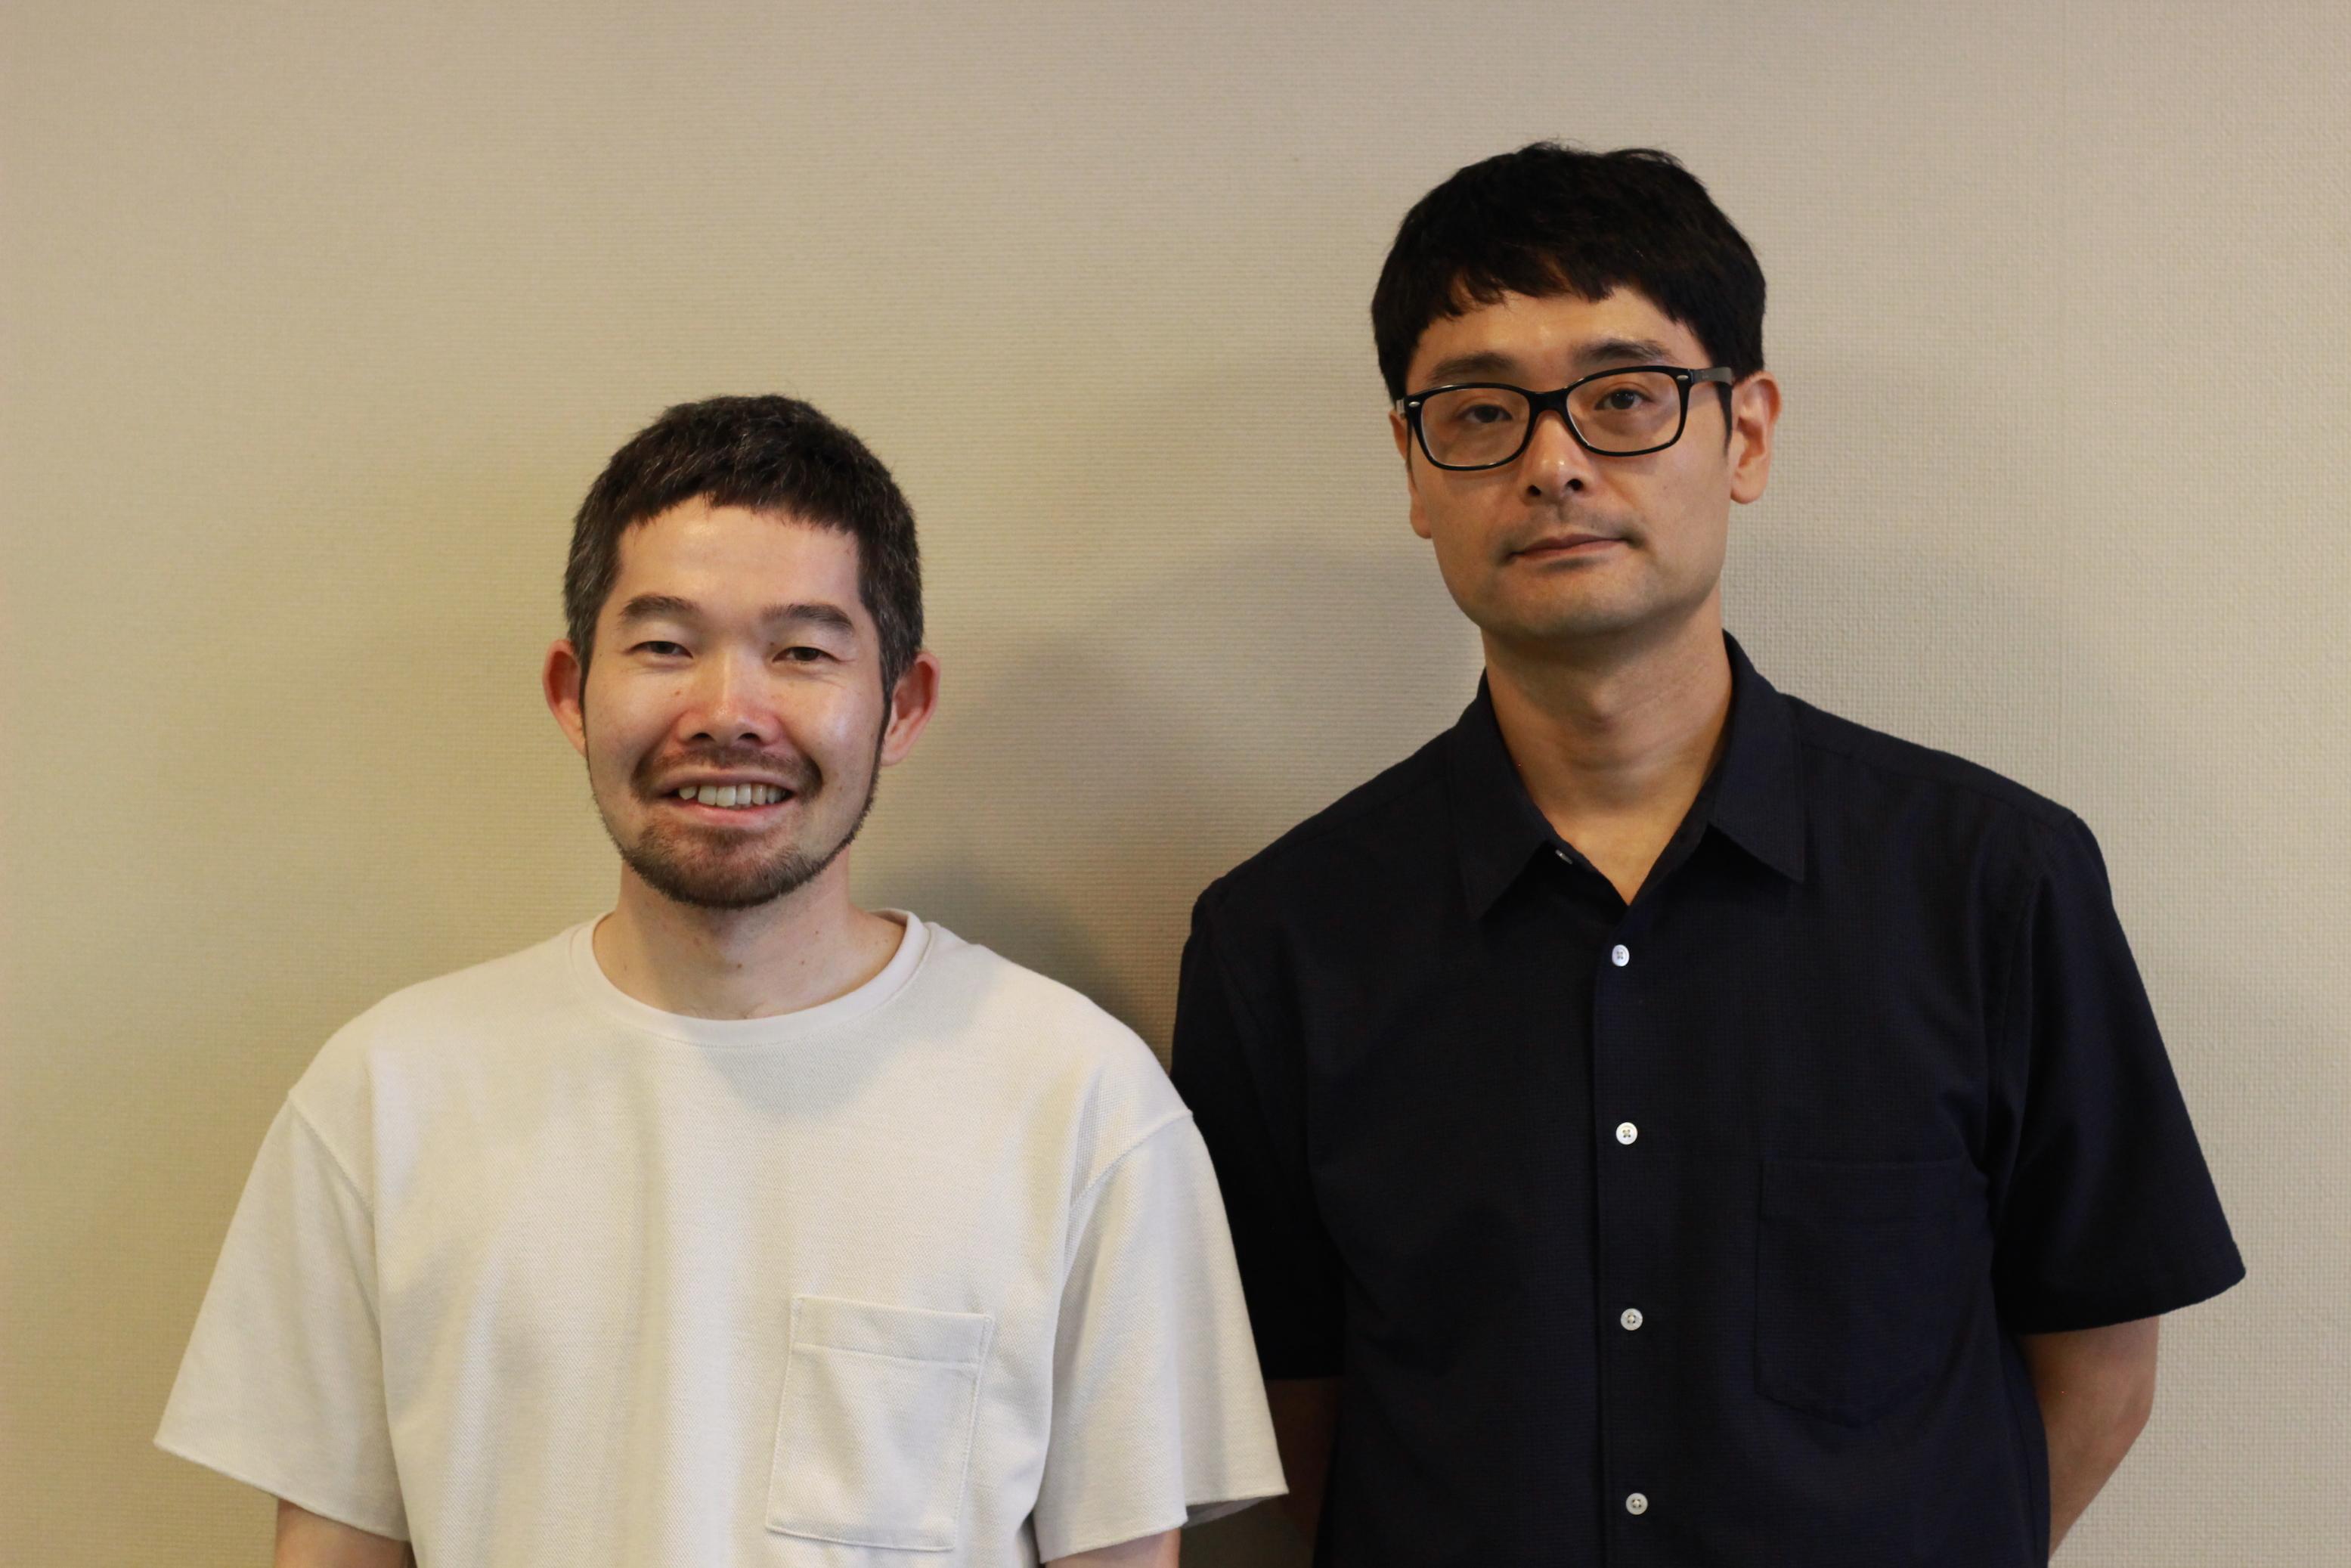 菅原直樹(左)とノゾエ征爾